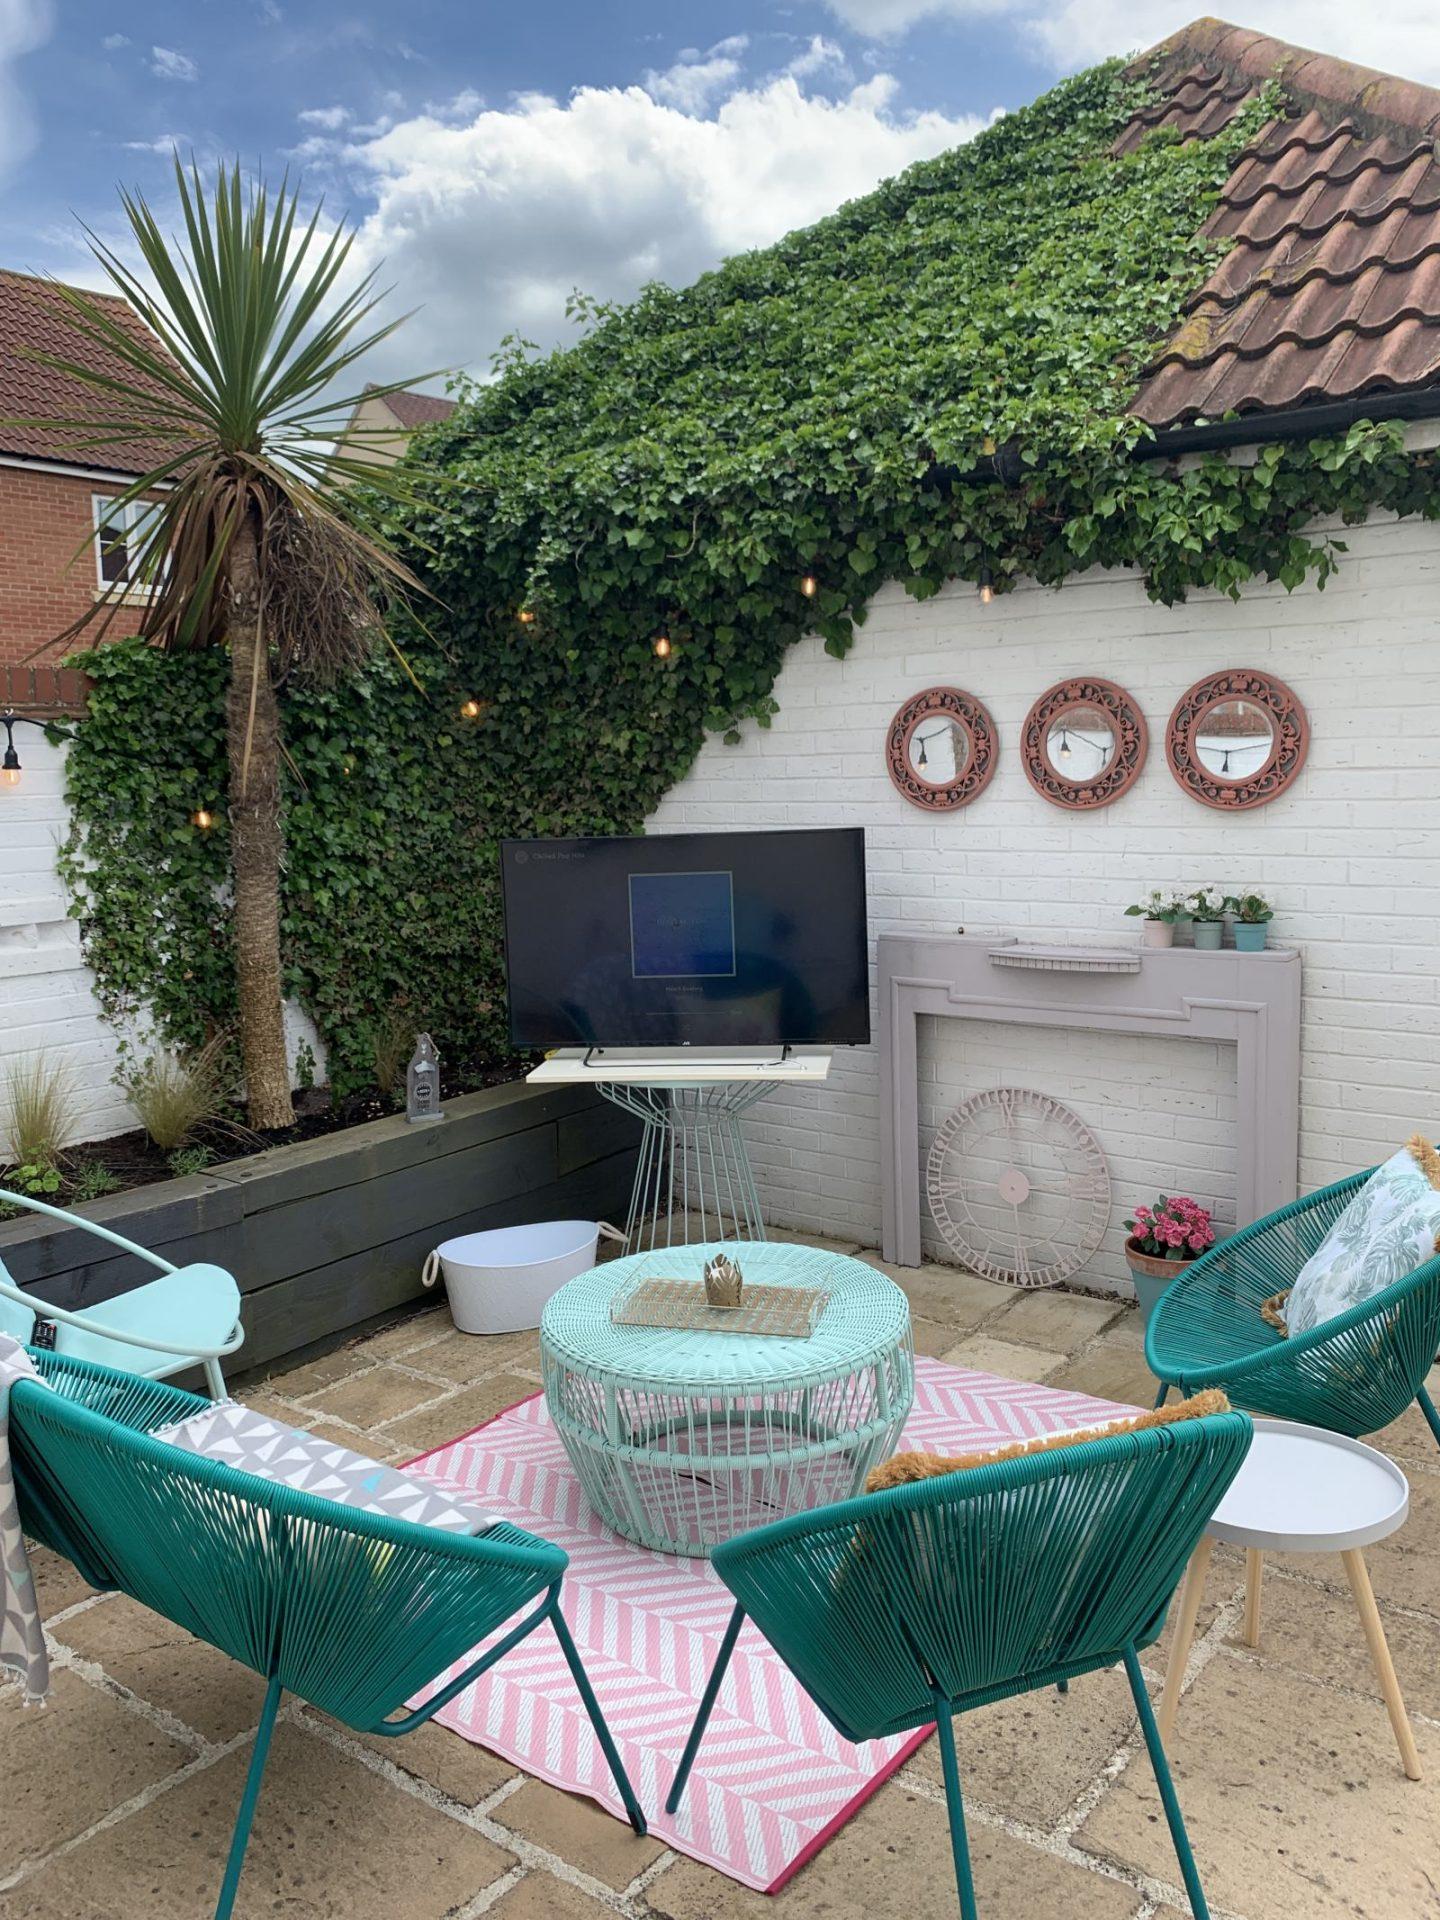 TV in the garden